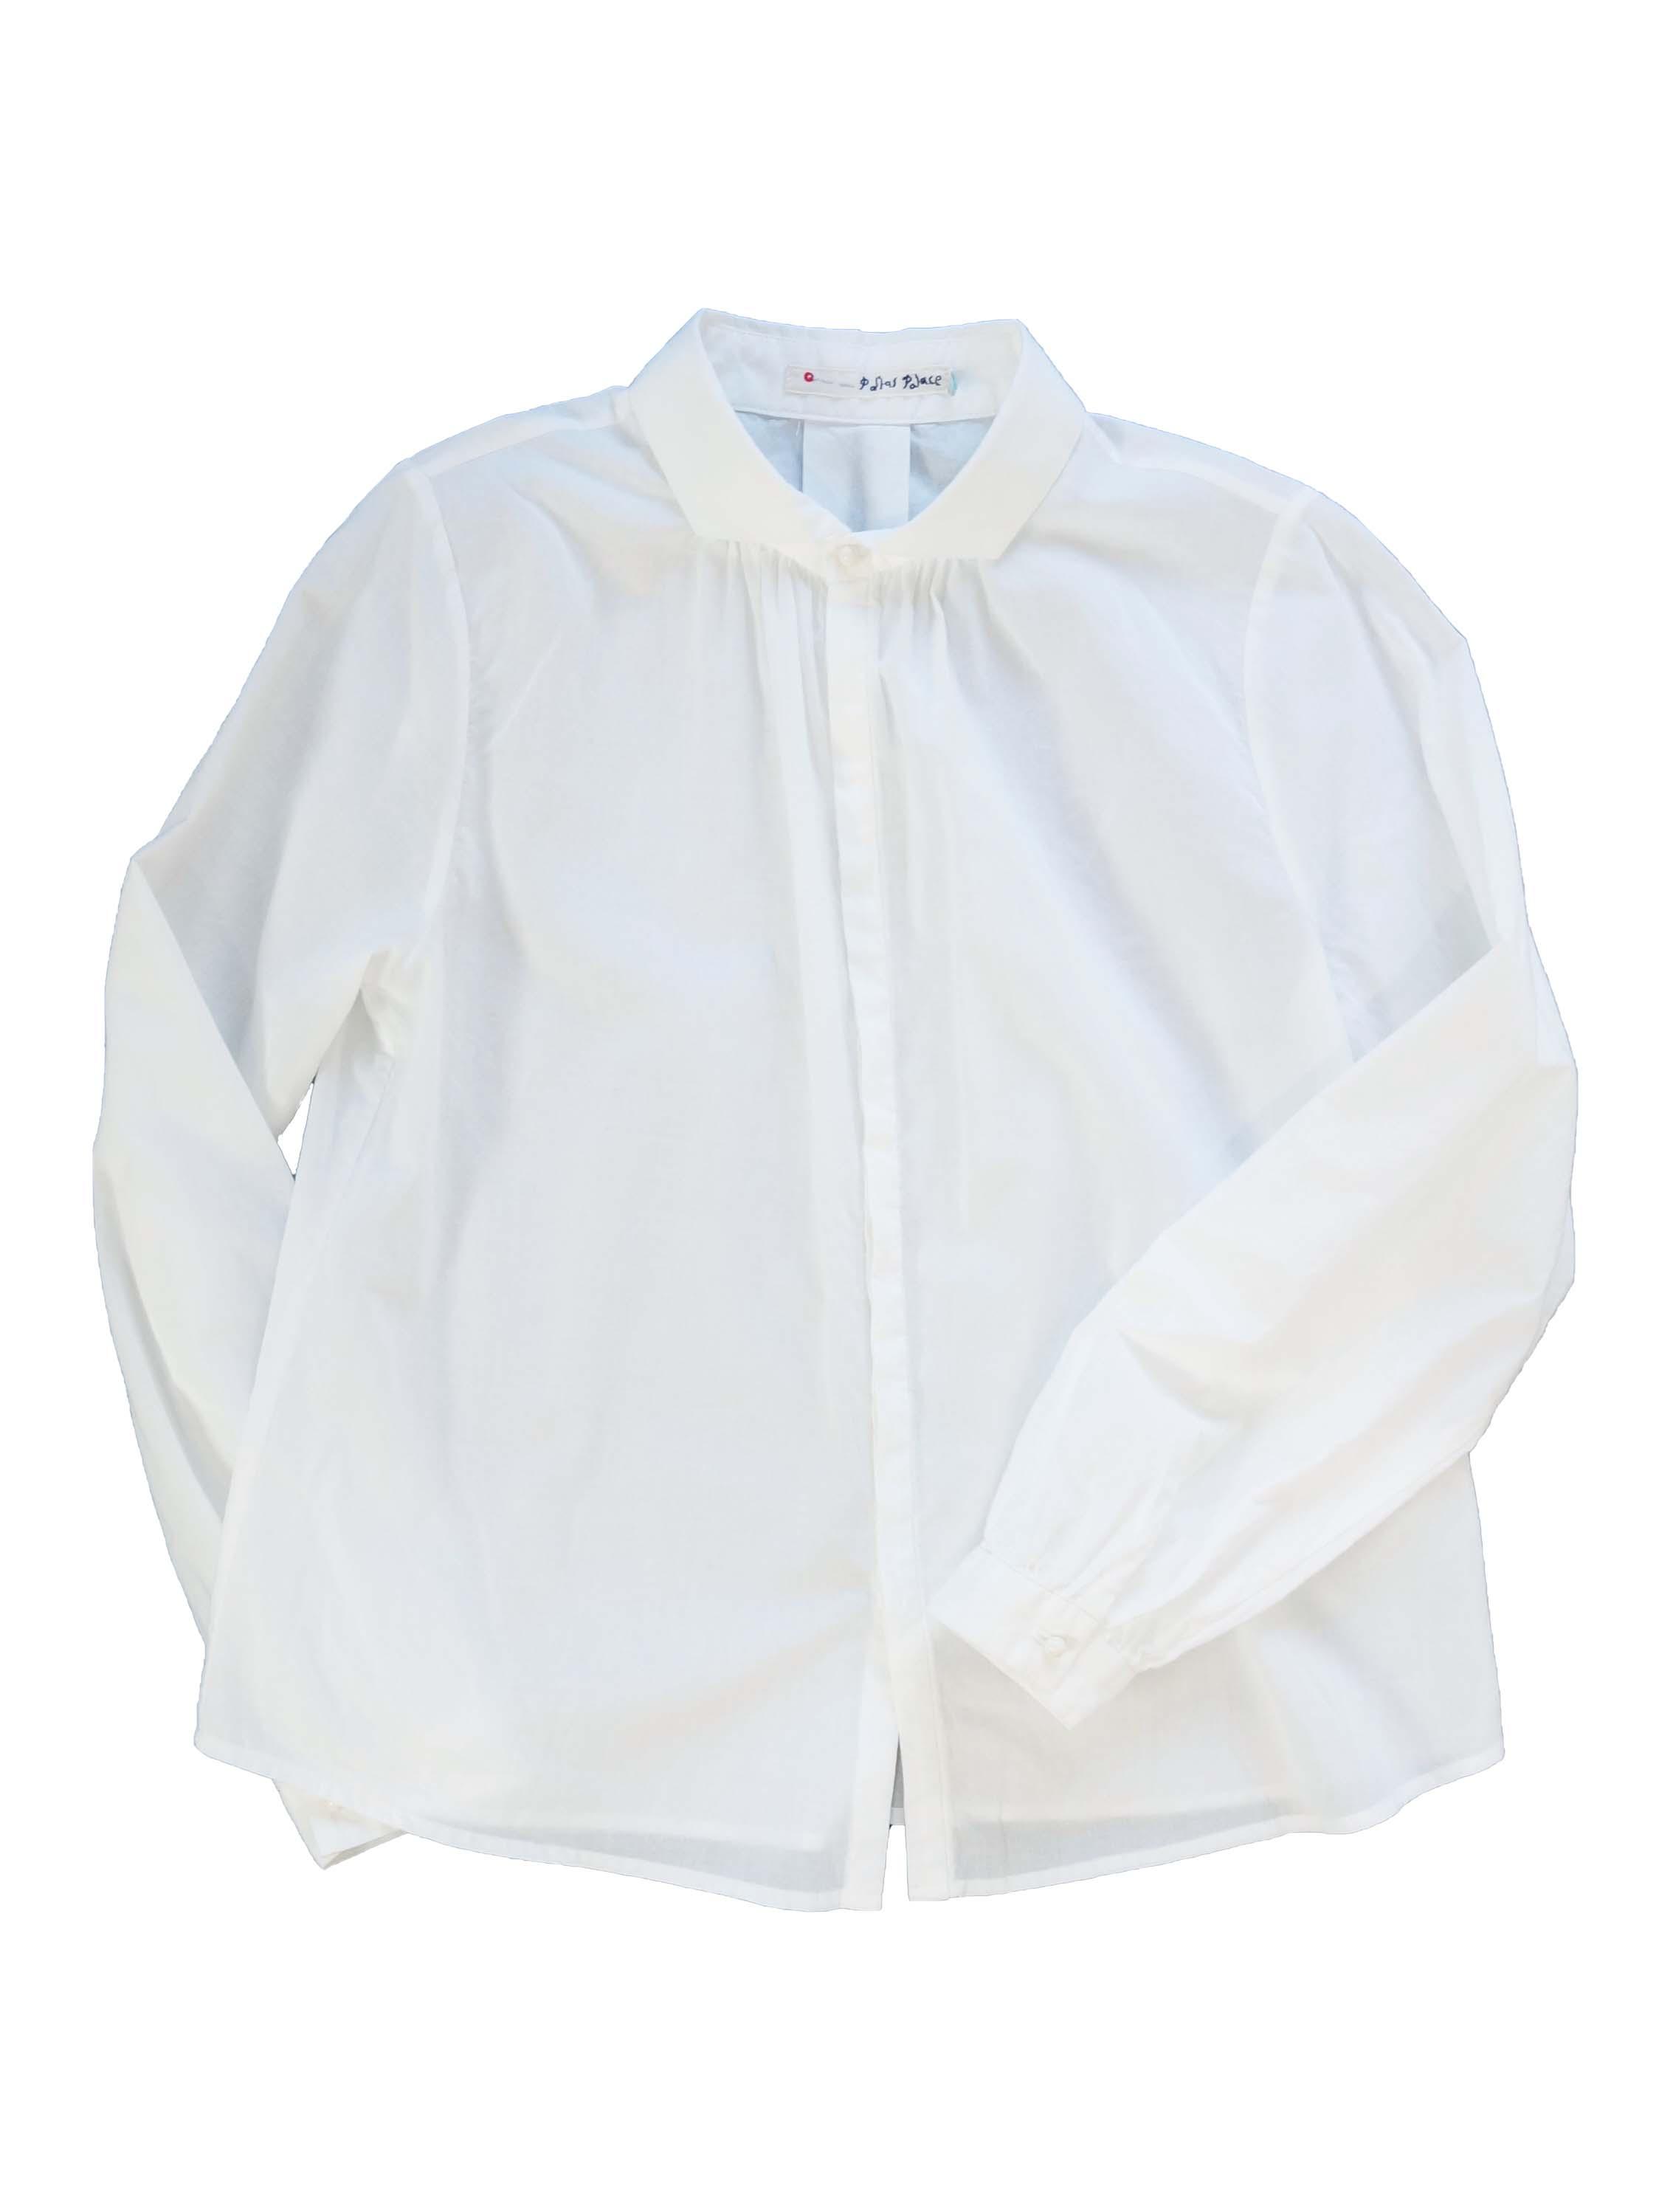 ローンウィング衿ギャザーシャツ